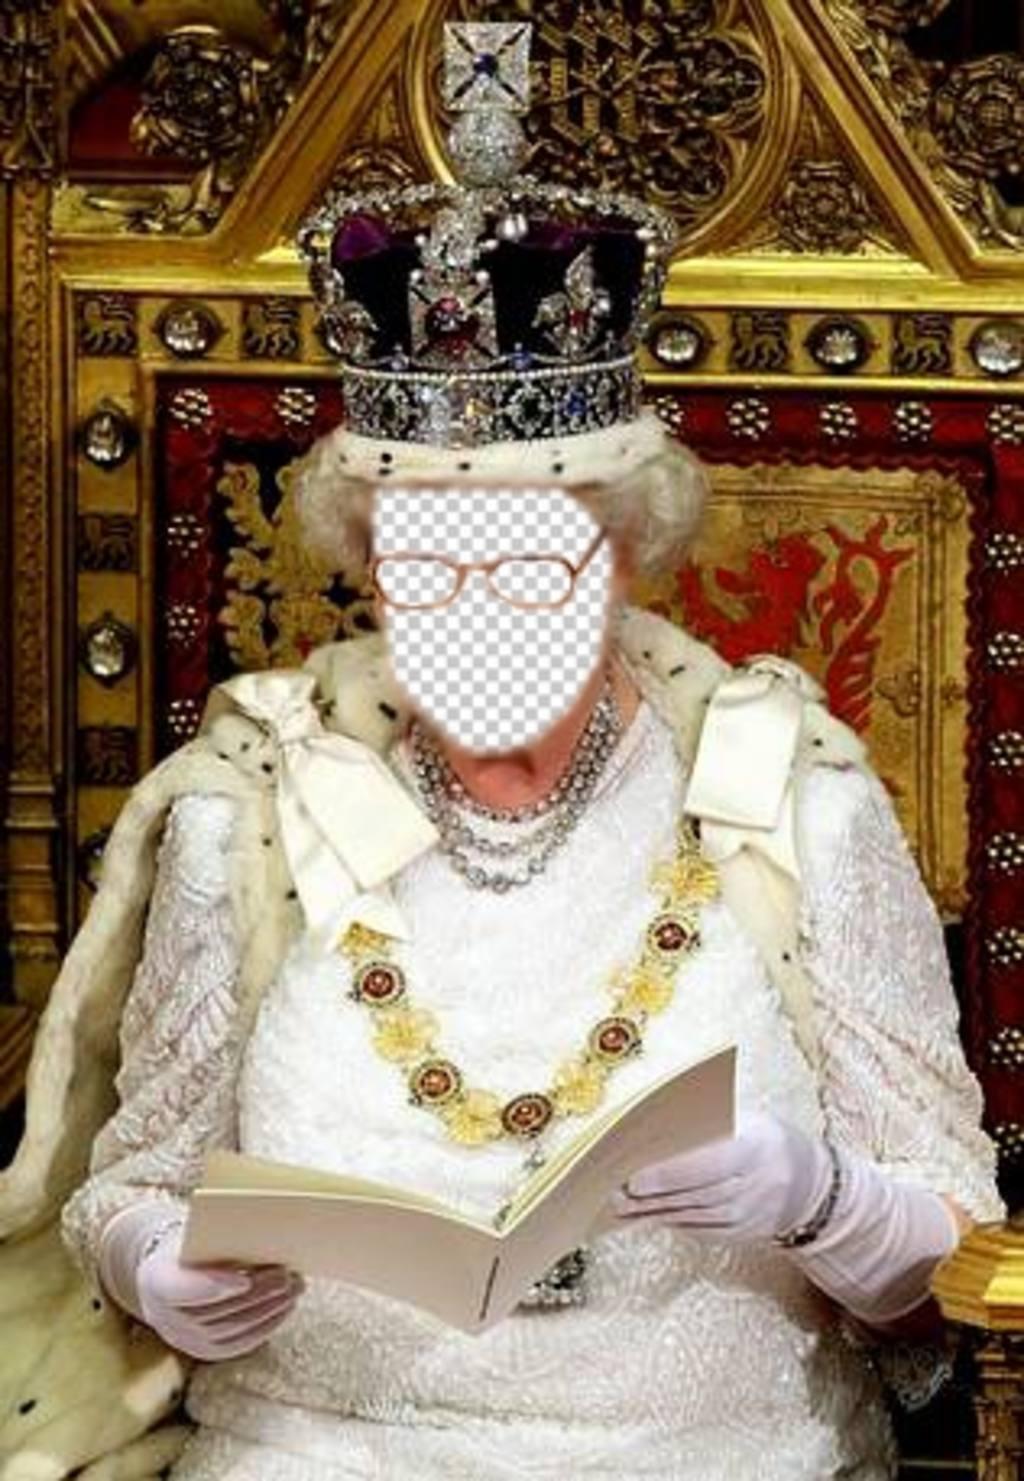 Neste fotomontagem você será a rainha da Inglaterra sentado em seu trono real